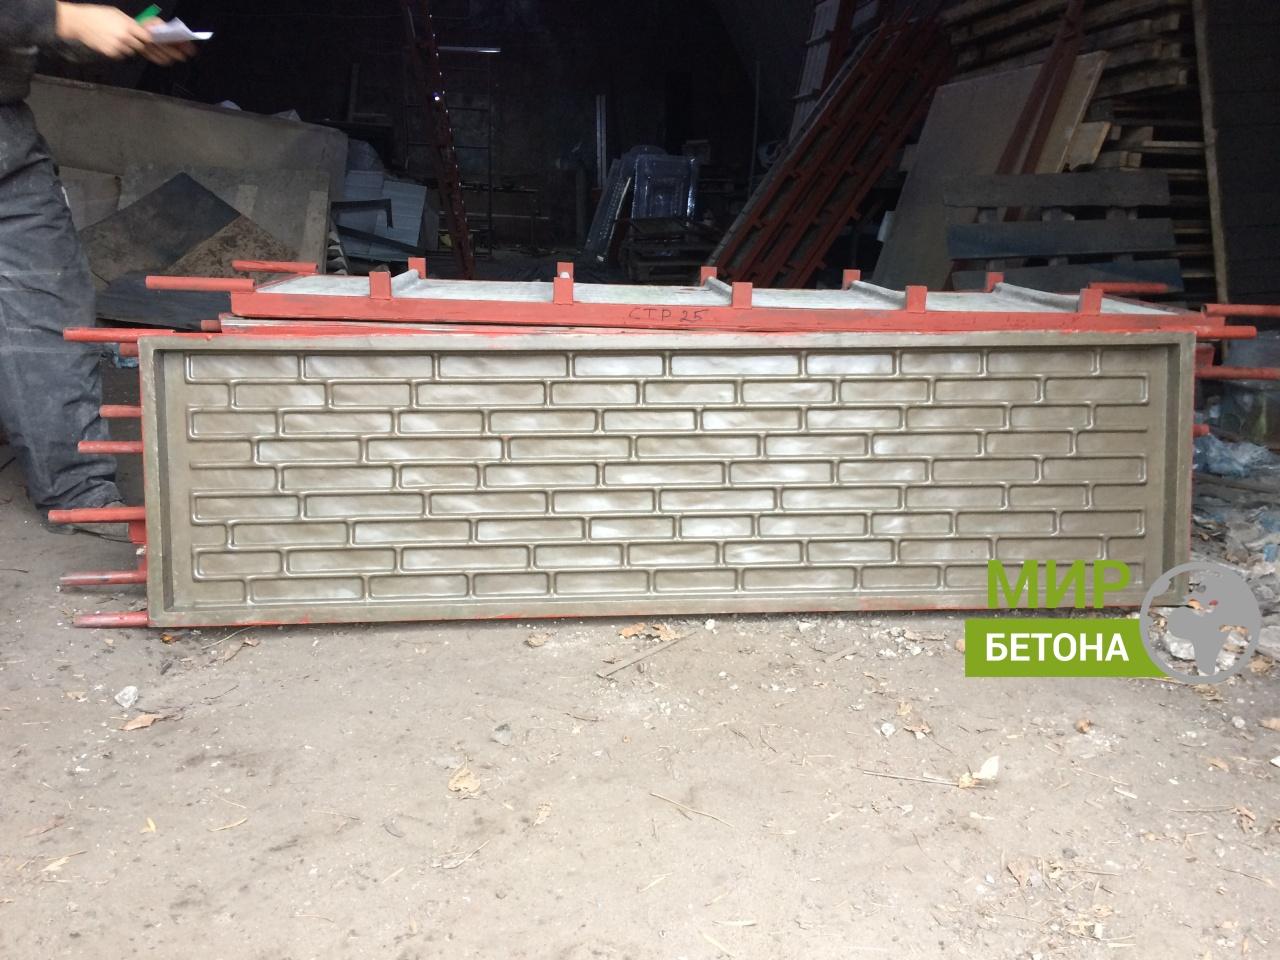 Форма забора Римский кирпич. Изготовление бетонных заборов из стеклопластиковых форм